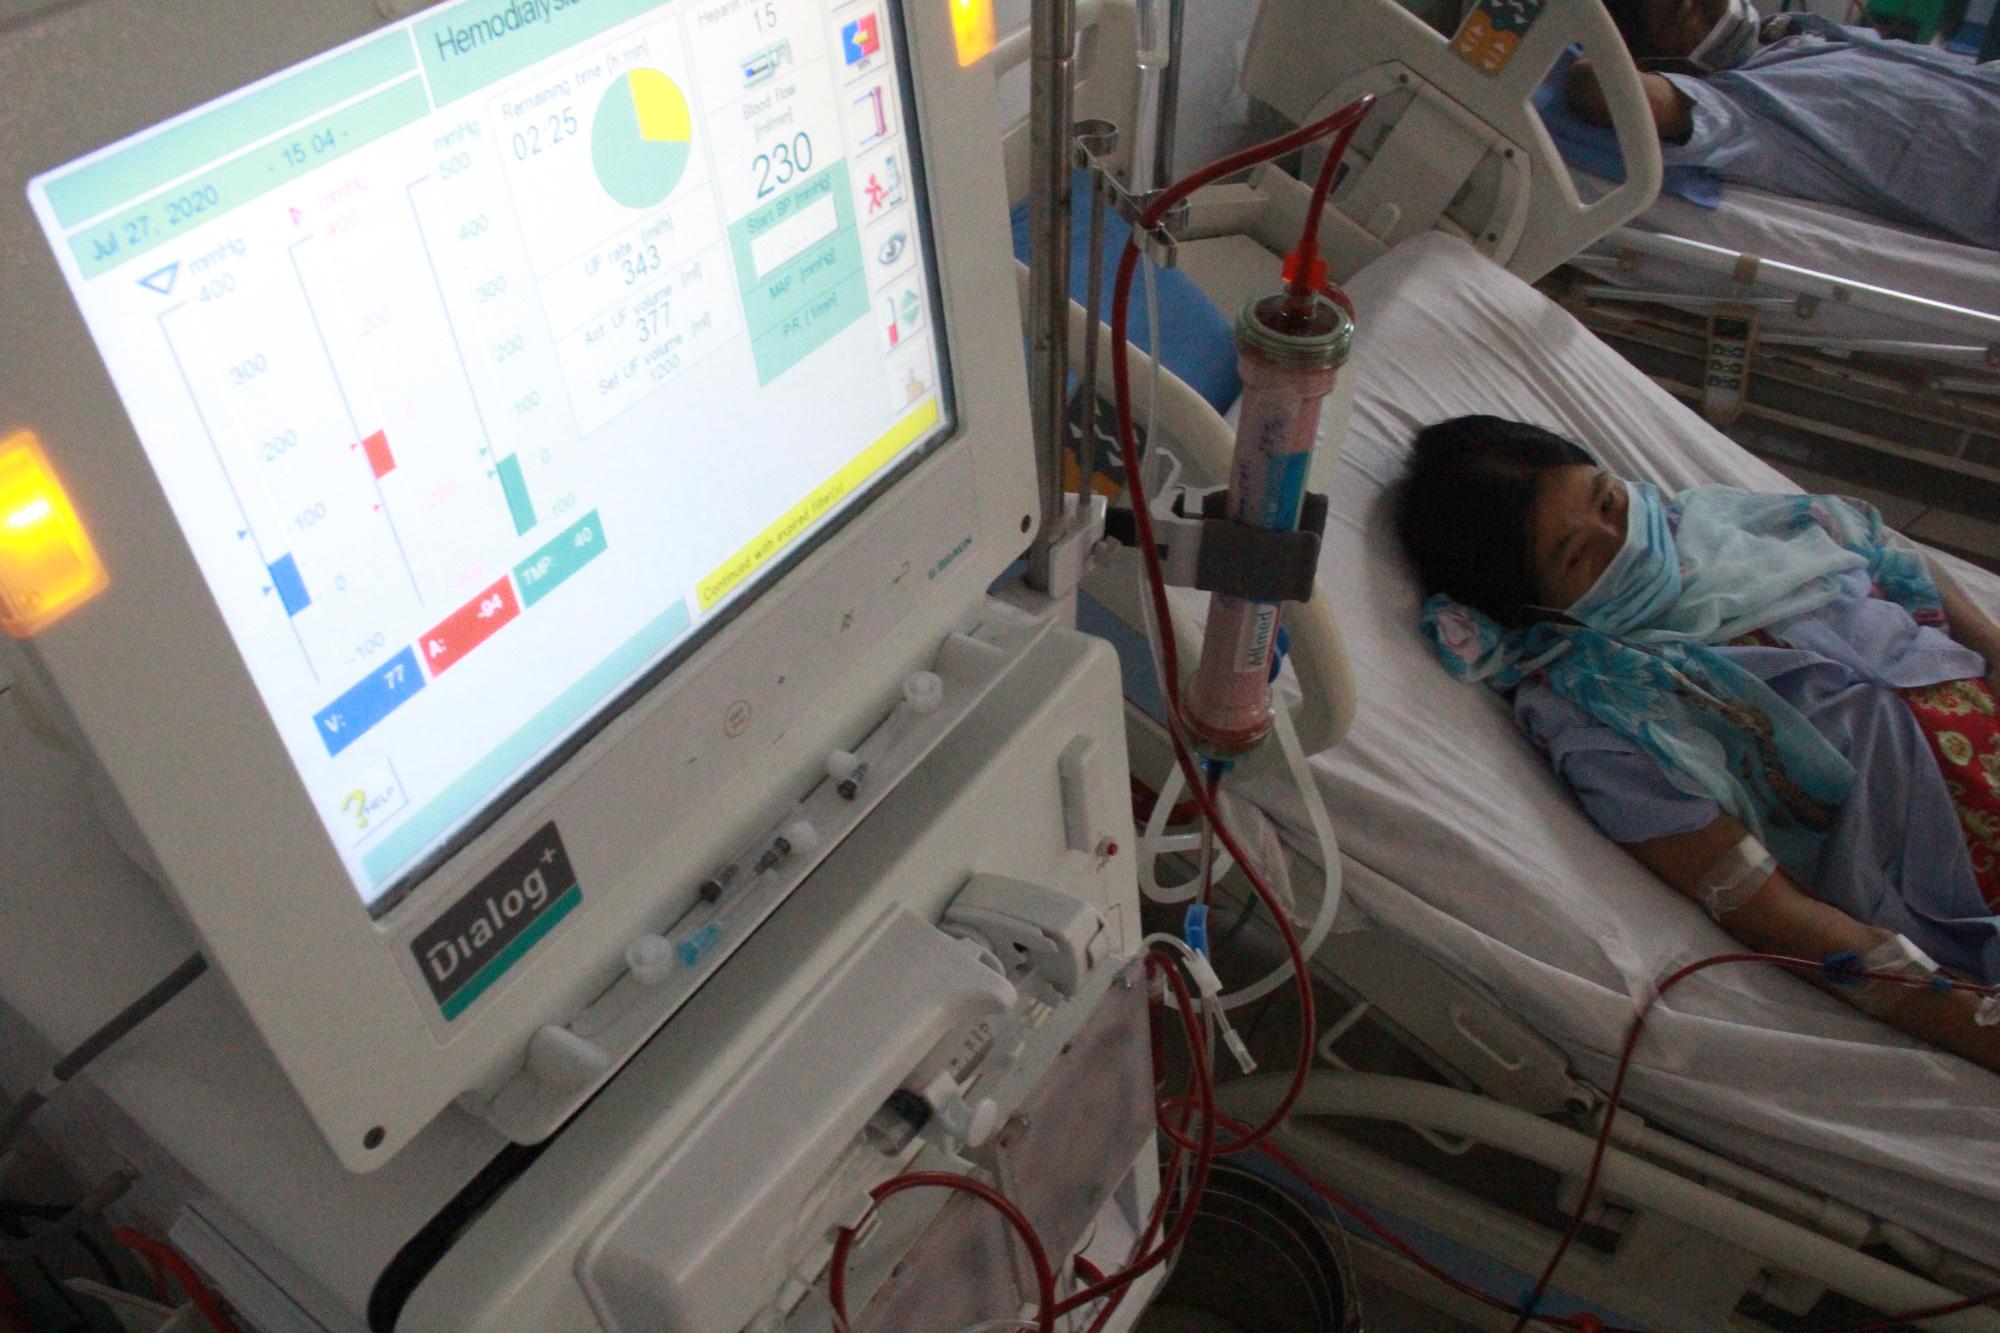 Chuyển người chạy thận Bệnh viện C Đà Nẵng sang Bệnh viện 199 - Ảnh 2.